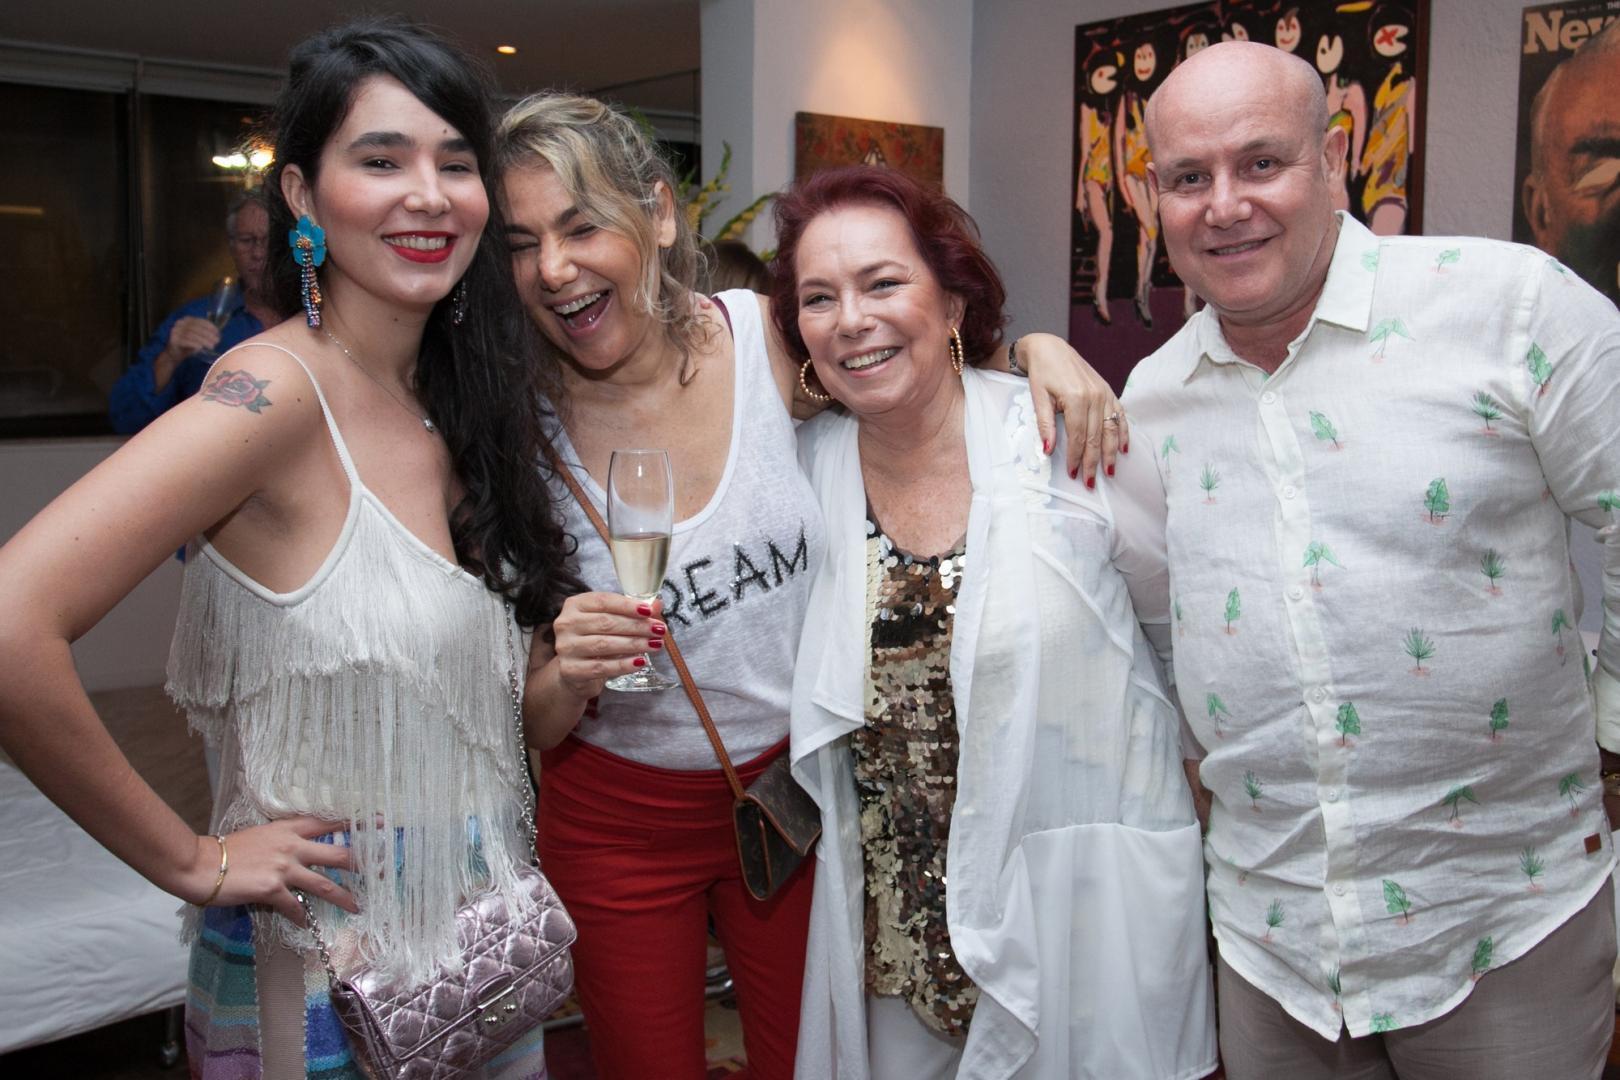 Paulo Muller comemora a virada do ano com amigos e família no seu apartamento em Copacabana